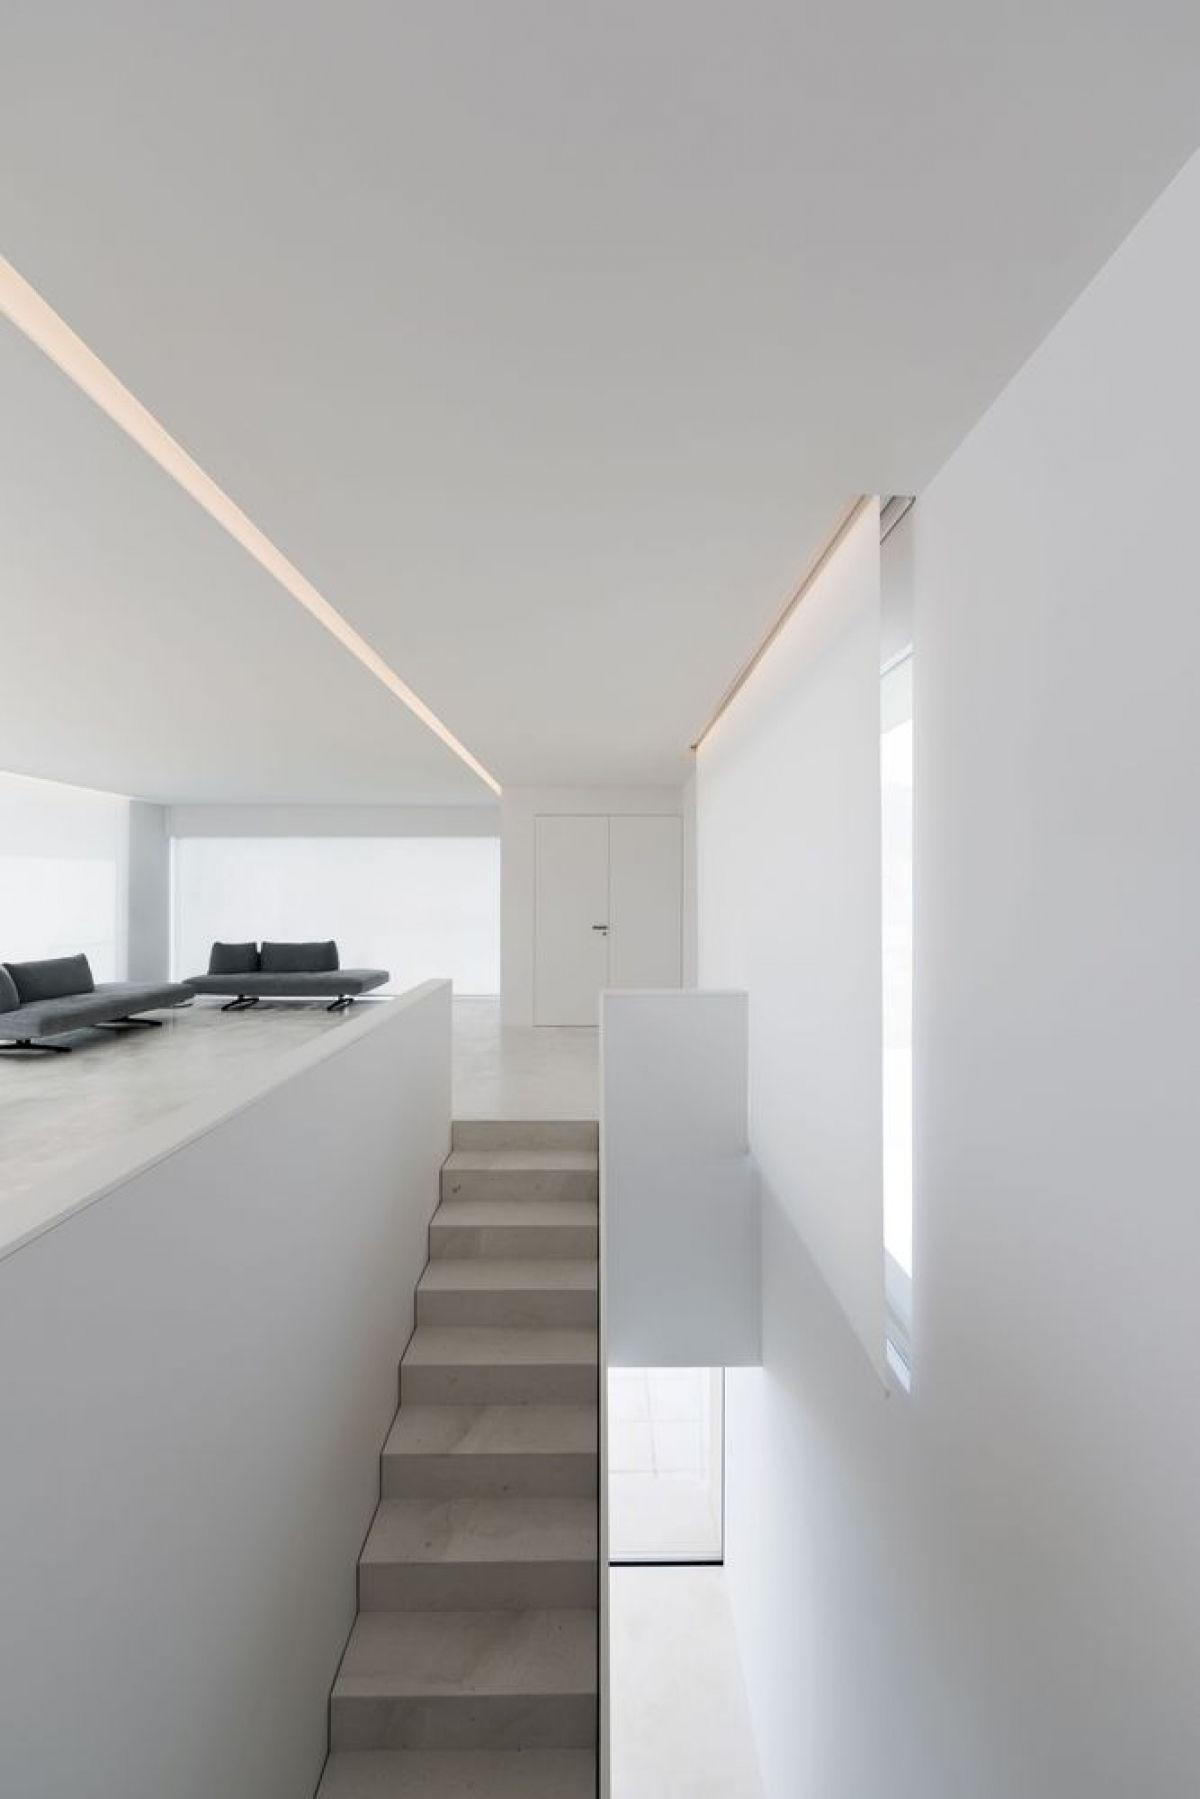 Tầng 2 là không gian phòng khách liên thông với phòng bếp – ăn. Bộ sofa màu đen như một điểm nhấn trên nền trắng.